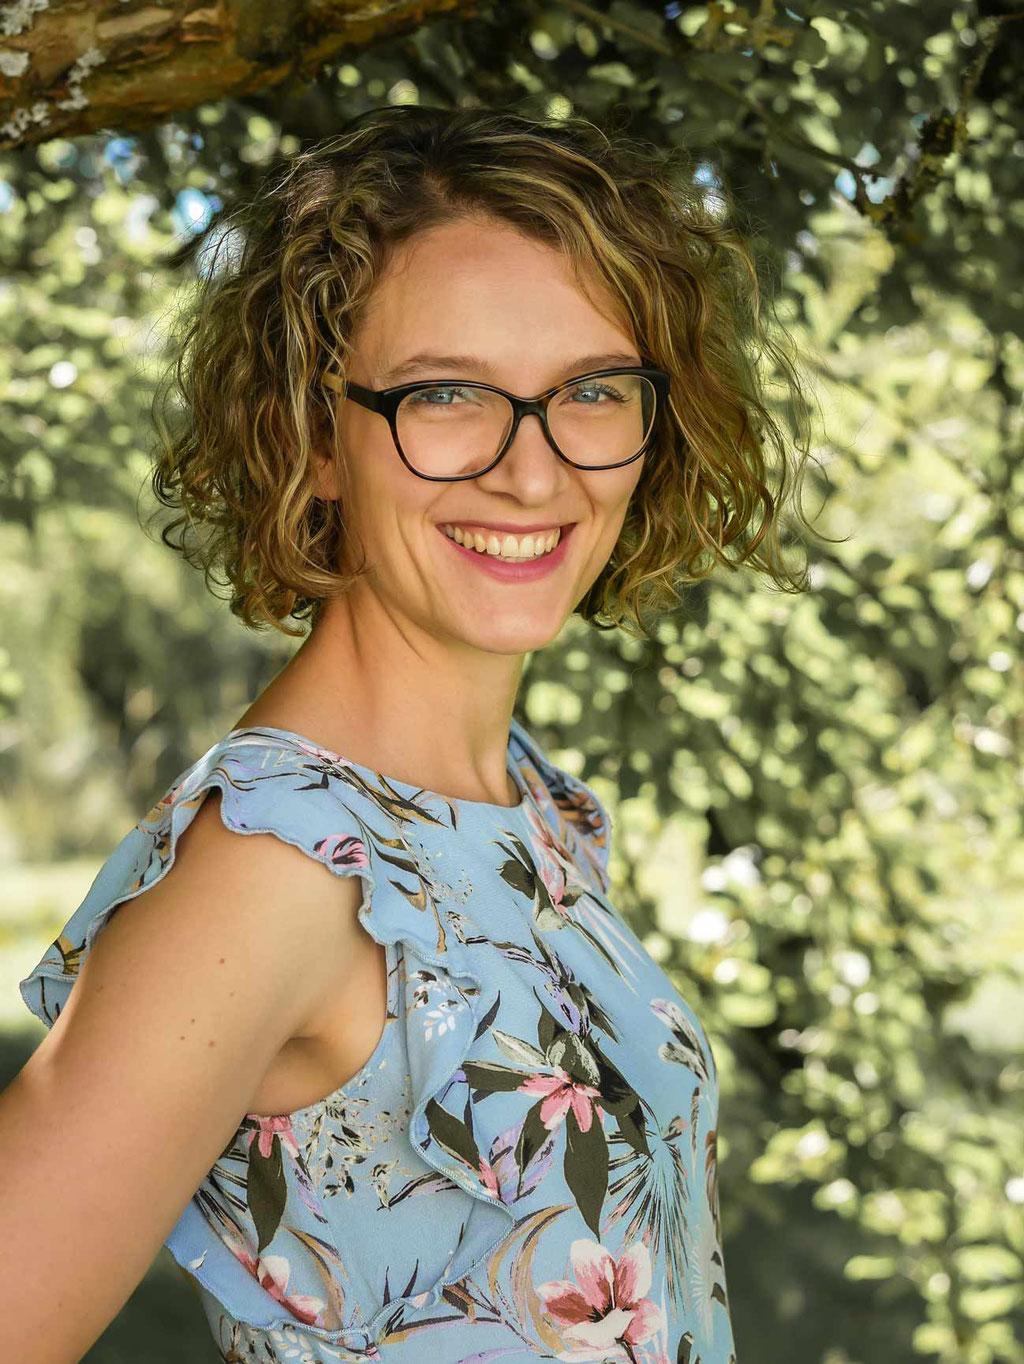 Annette Hofmann Fotografie-Familienfotografin-Pegnitz-fraenkische Schweiz-Portraitbilder-Premiumbilder-natuerliche Portraits